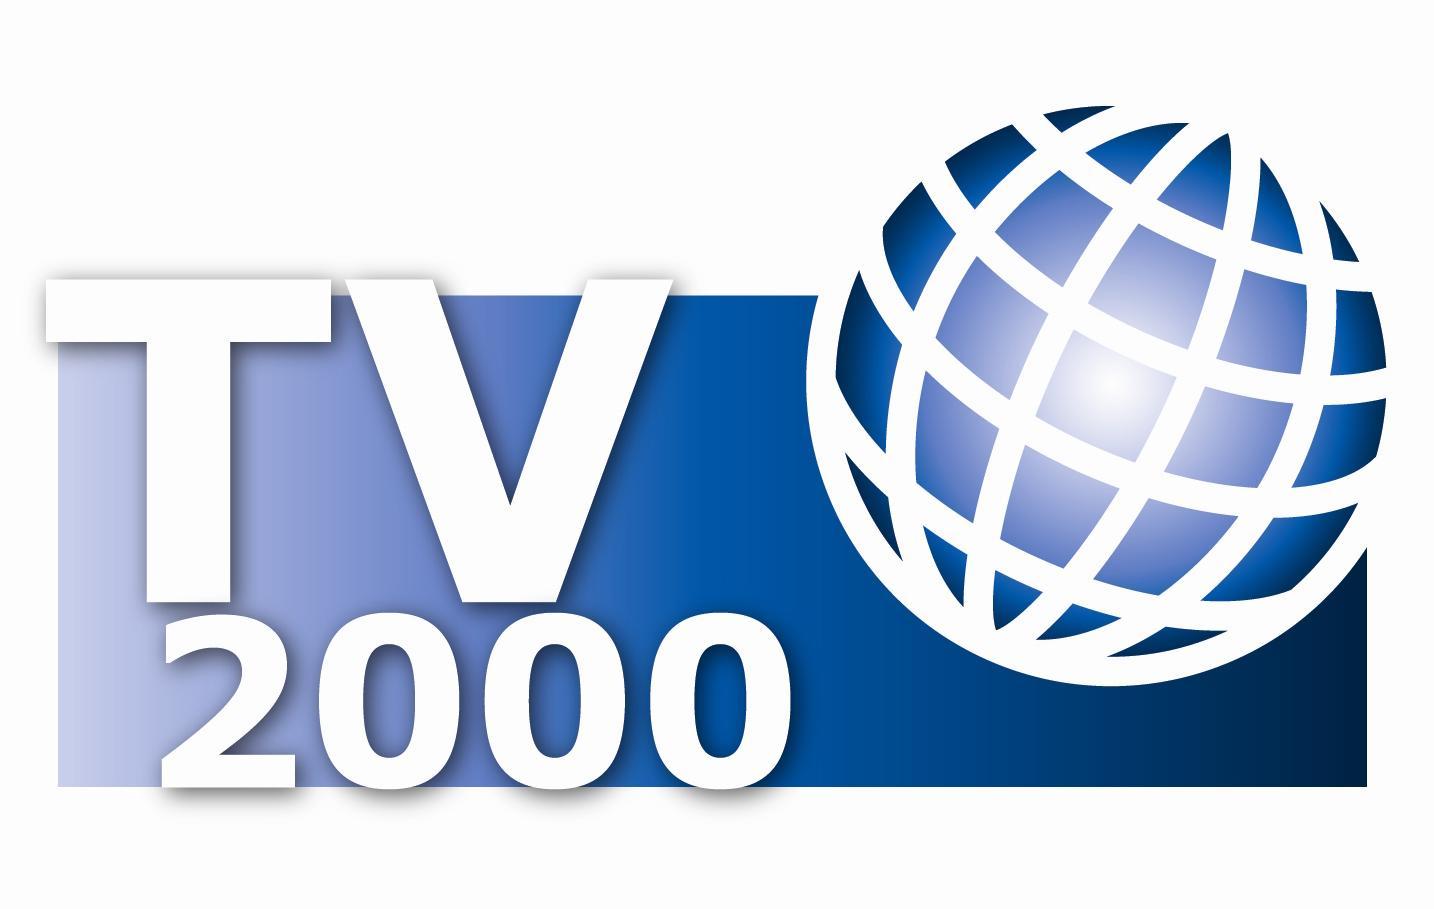 TV 2000: da Gennaio arriva la pubblicità   Digitale terrestre: Dtti.it